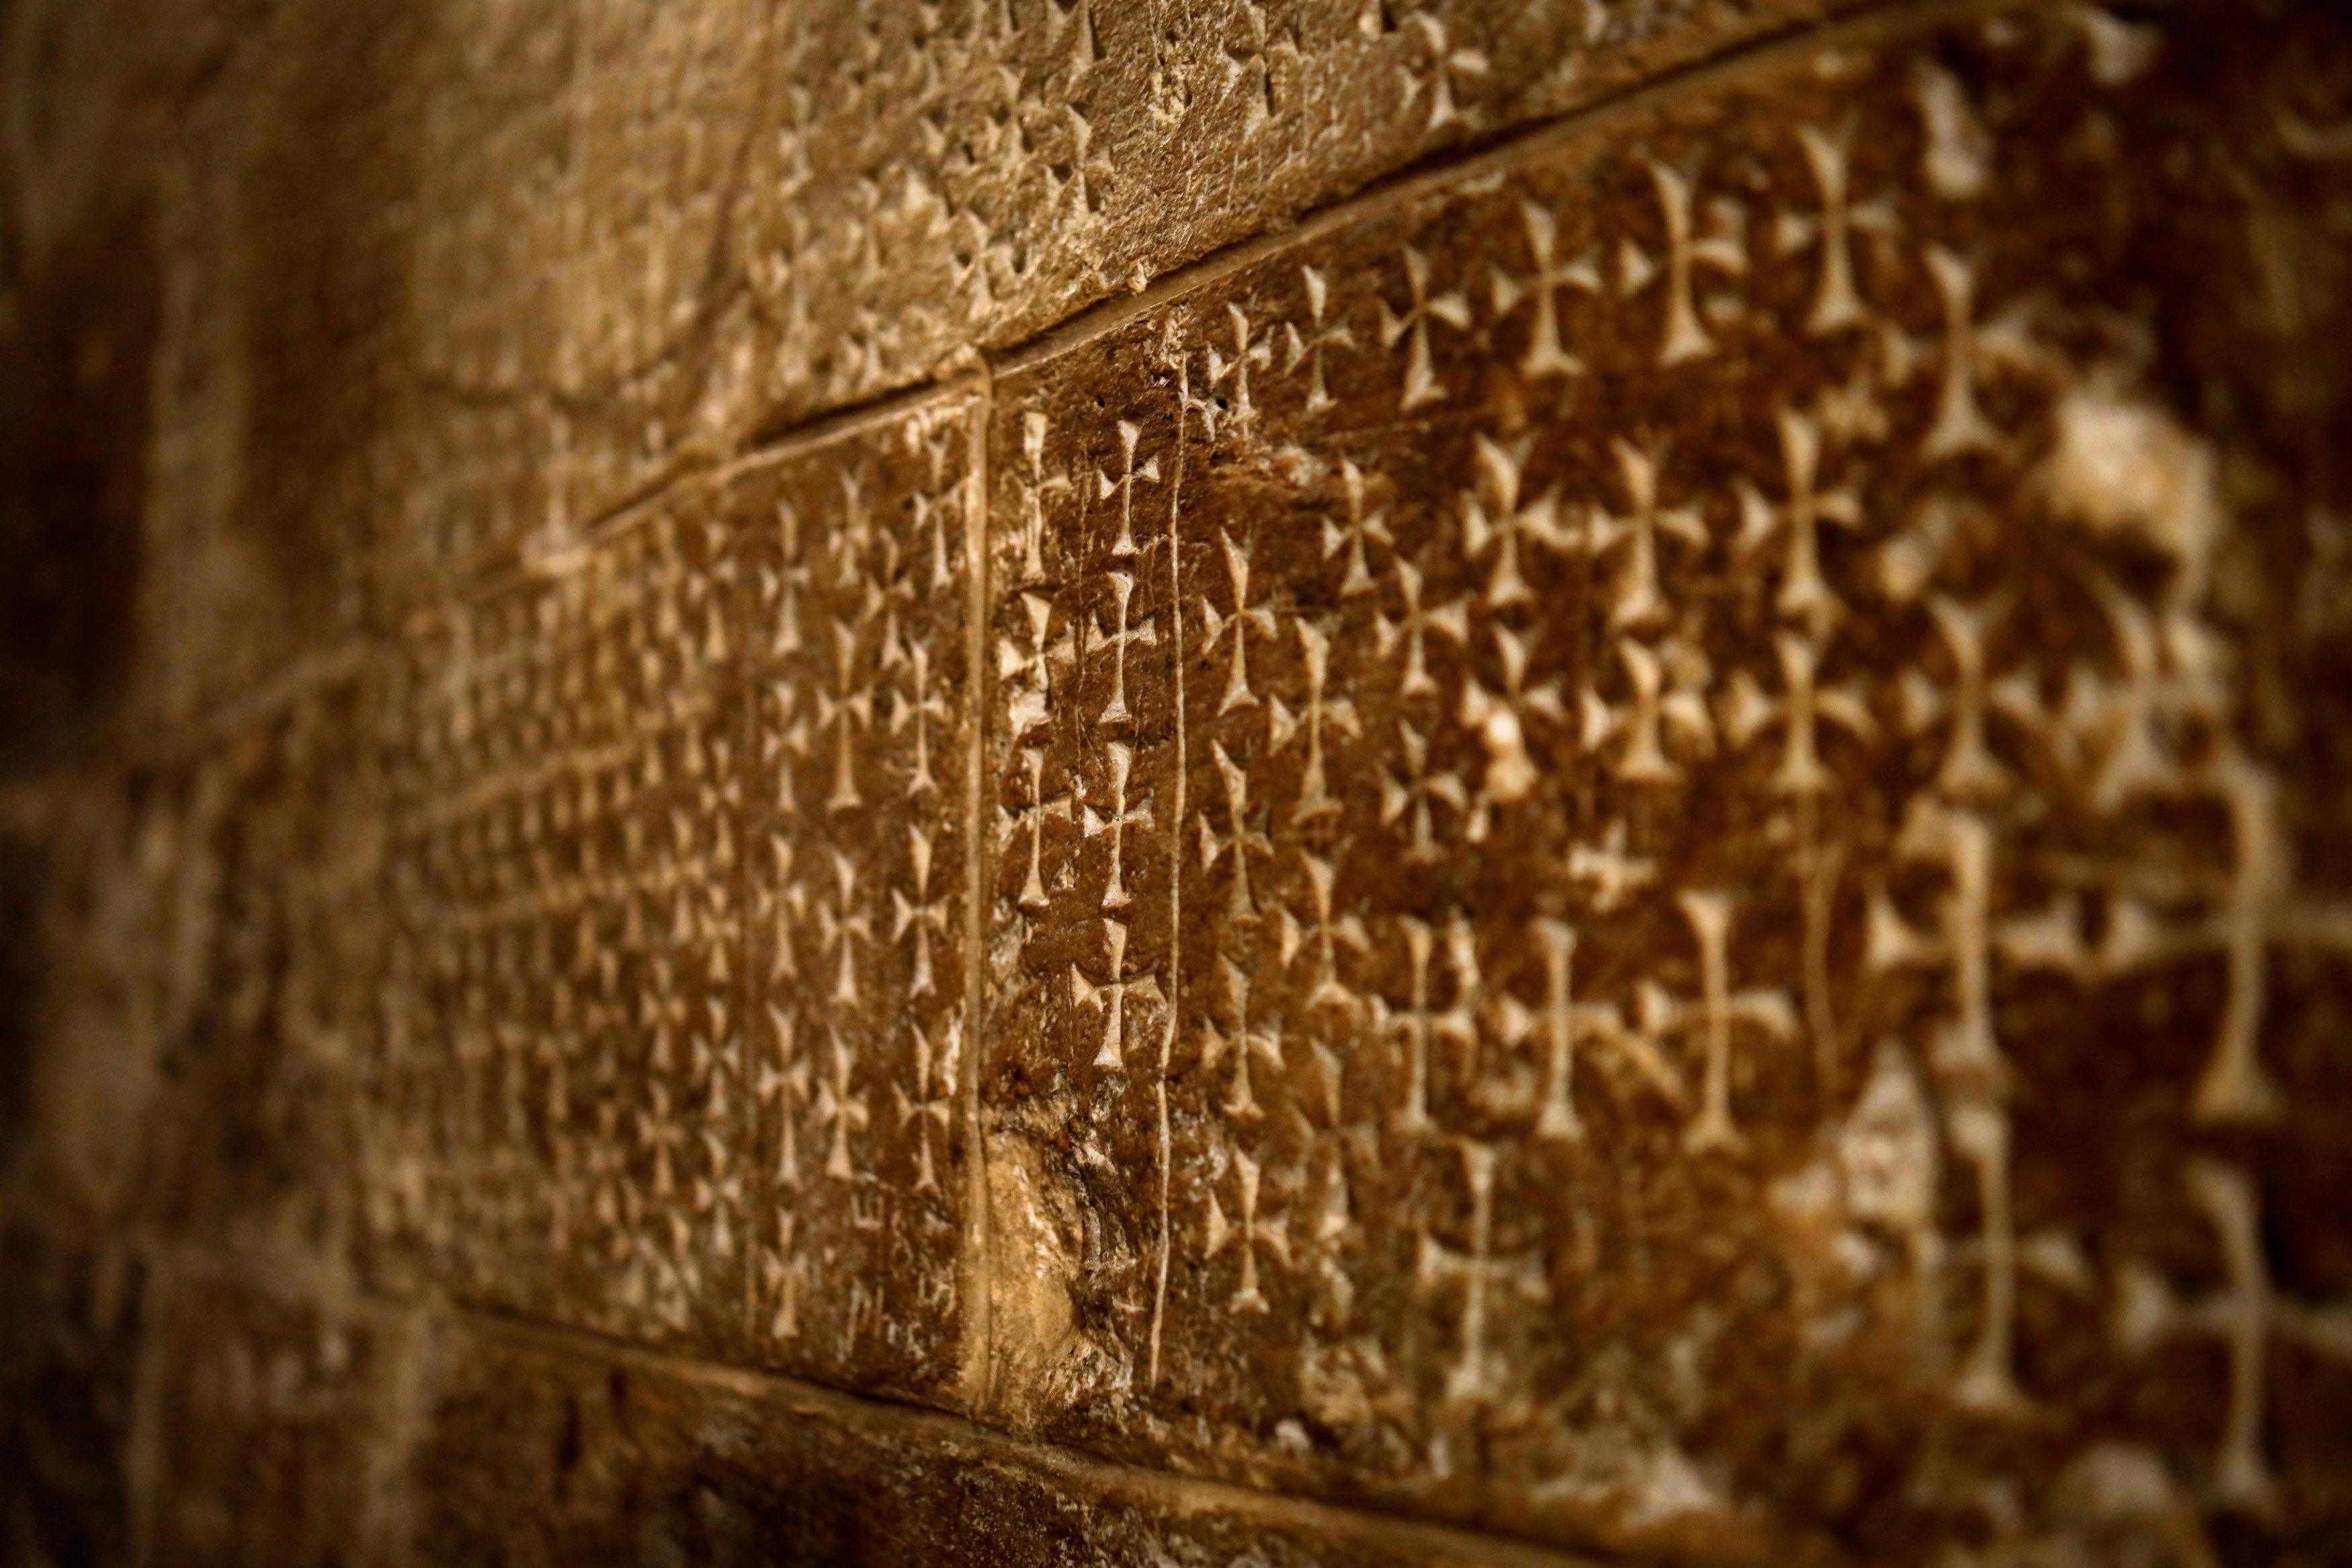 Las cruces talladas en la pared por peregrinos se ven junto a las escaleras que conducen a la Cripta de Santa Elena en la Iglesia del Santo Sepulcro en la Ciudad Vieja de Jerusalén, el 27 de marzo de 2018.